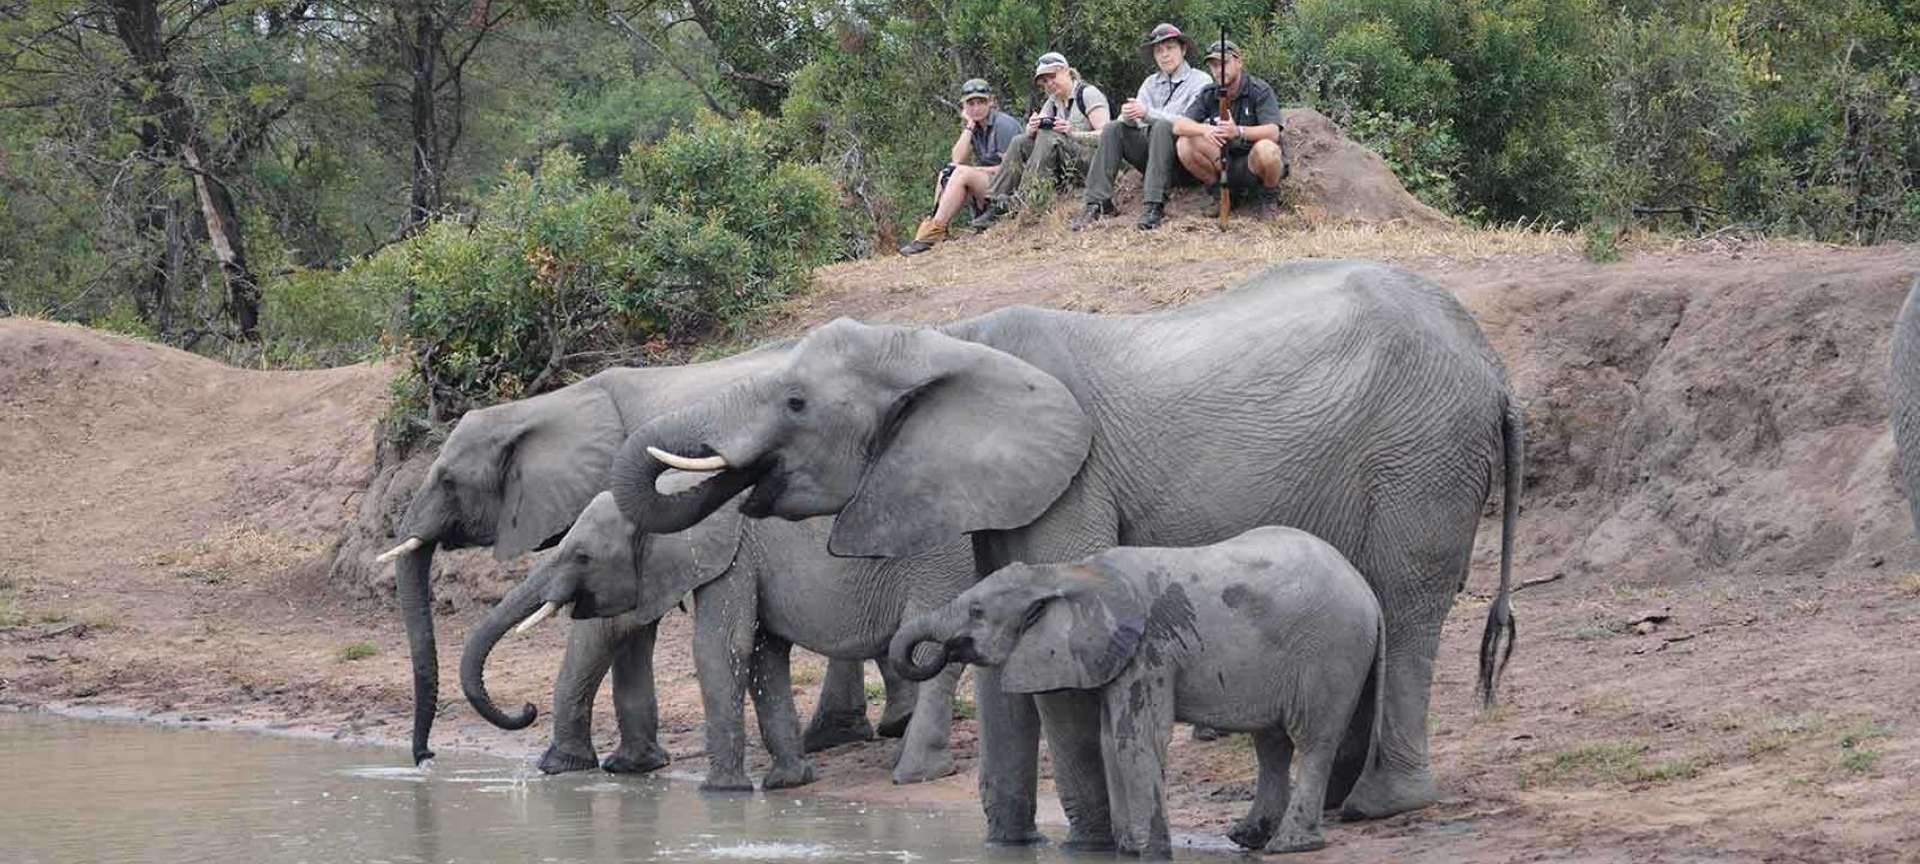 Walking safaris in Botswana - Africa Wildlife Safaris